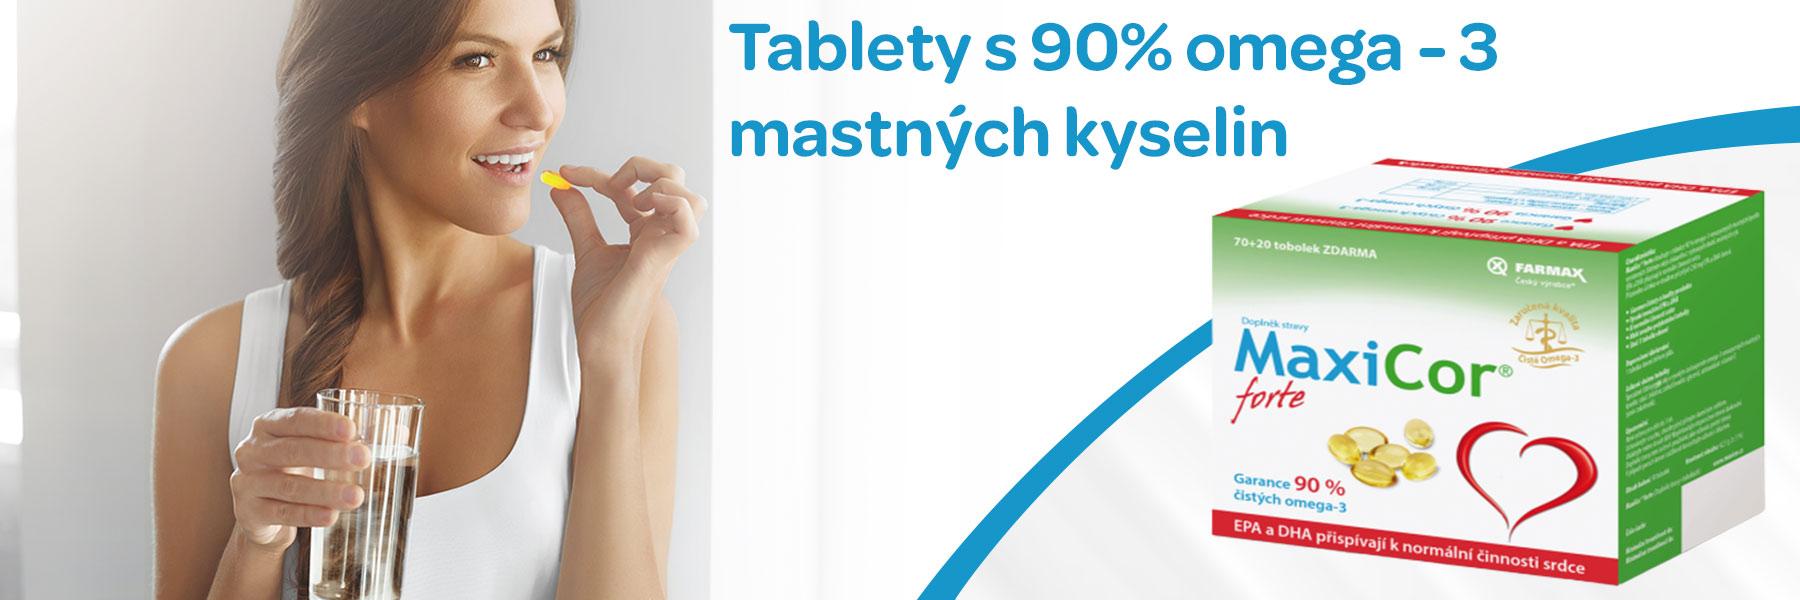 Maxicor forte, doplněk stravy s 90% mastných omega-3 kyselin, srdce, cholesterol, paměť, správný vývoj